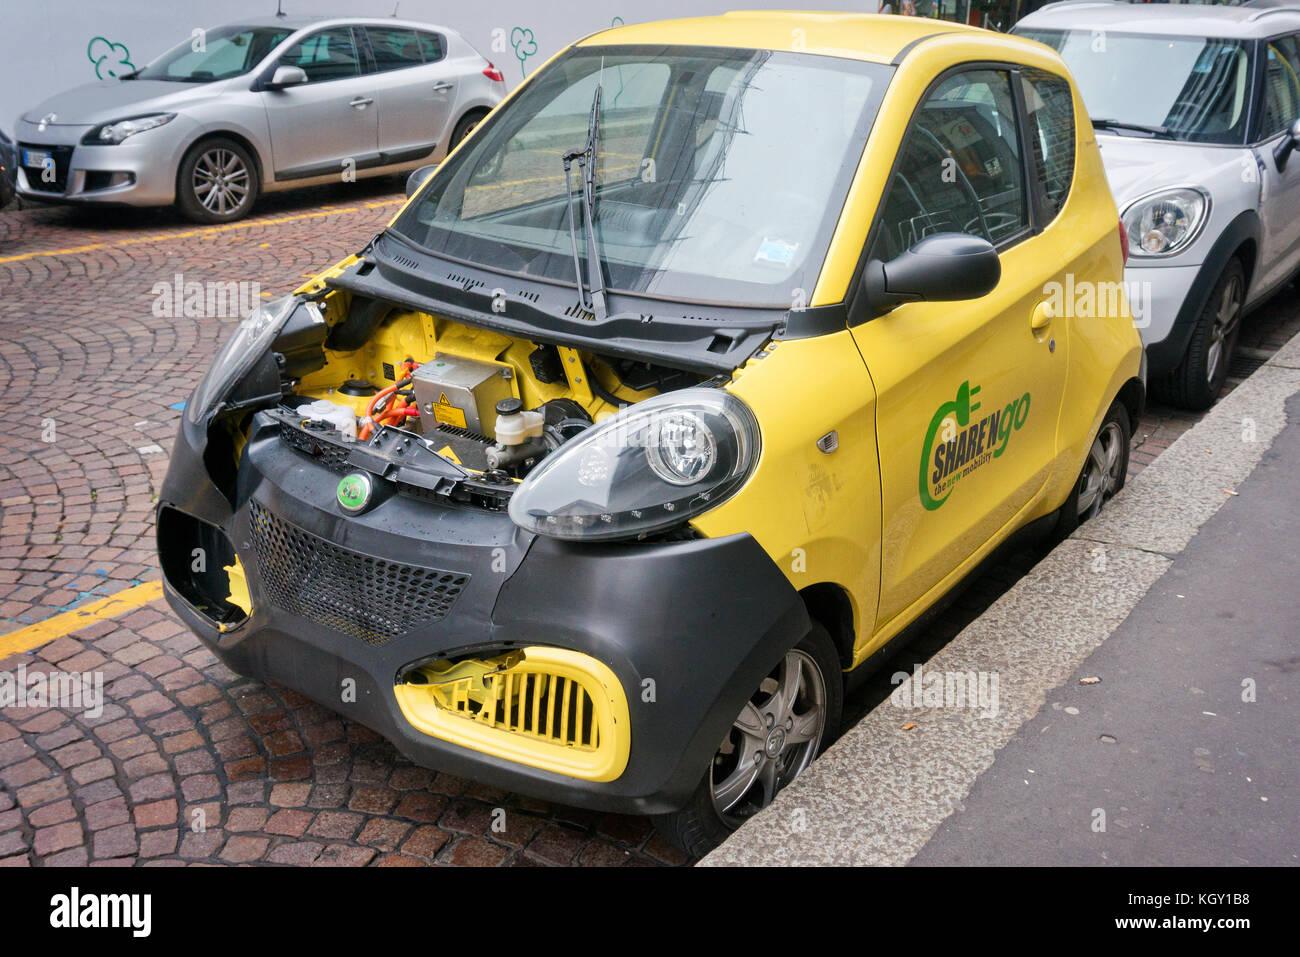 Vandalized car - Stock Image